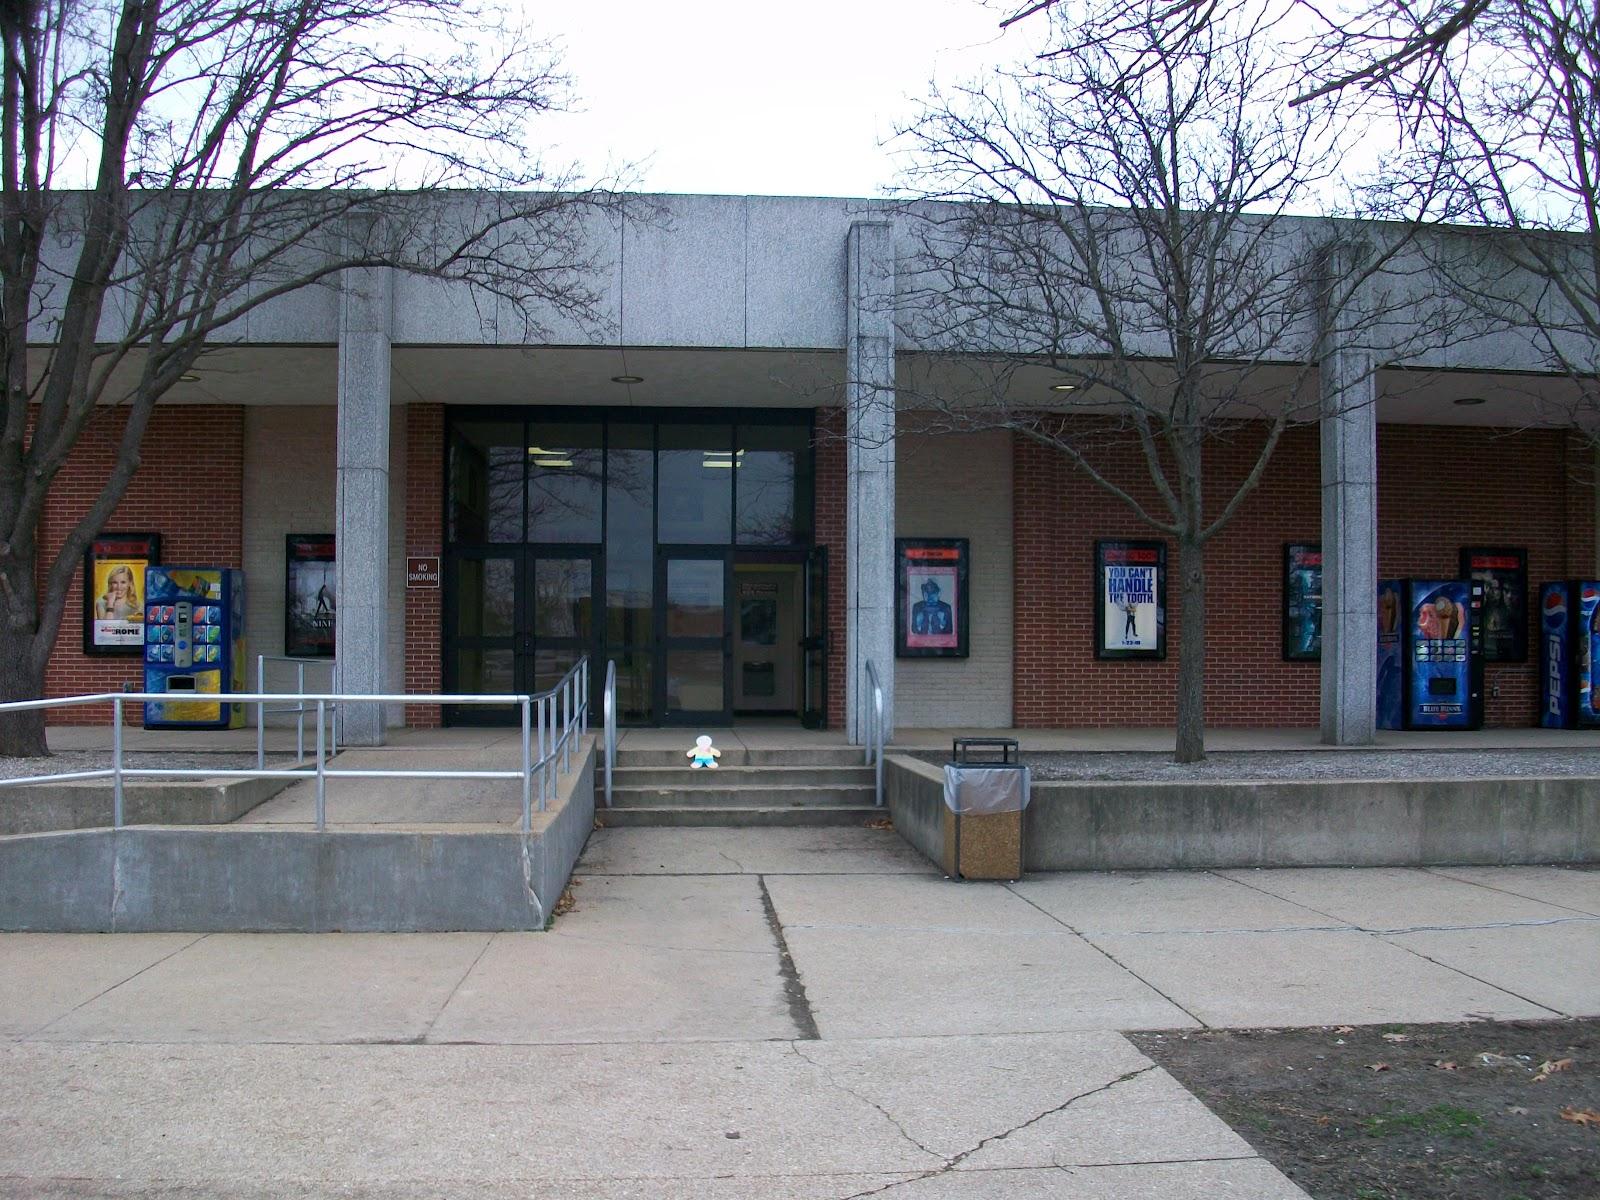 Fort leonard wood movie theater